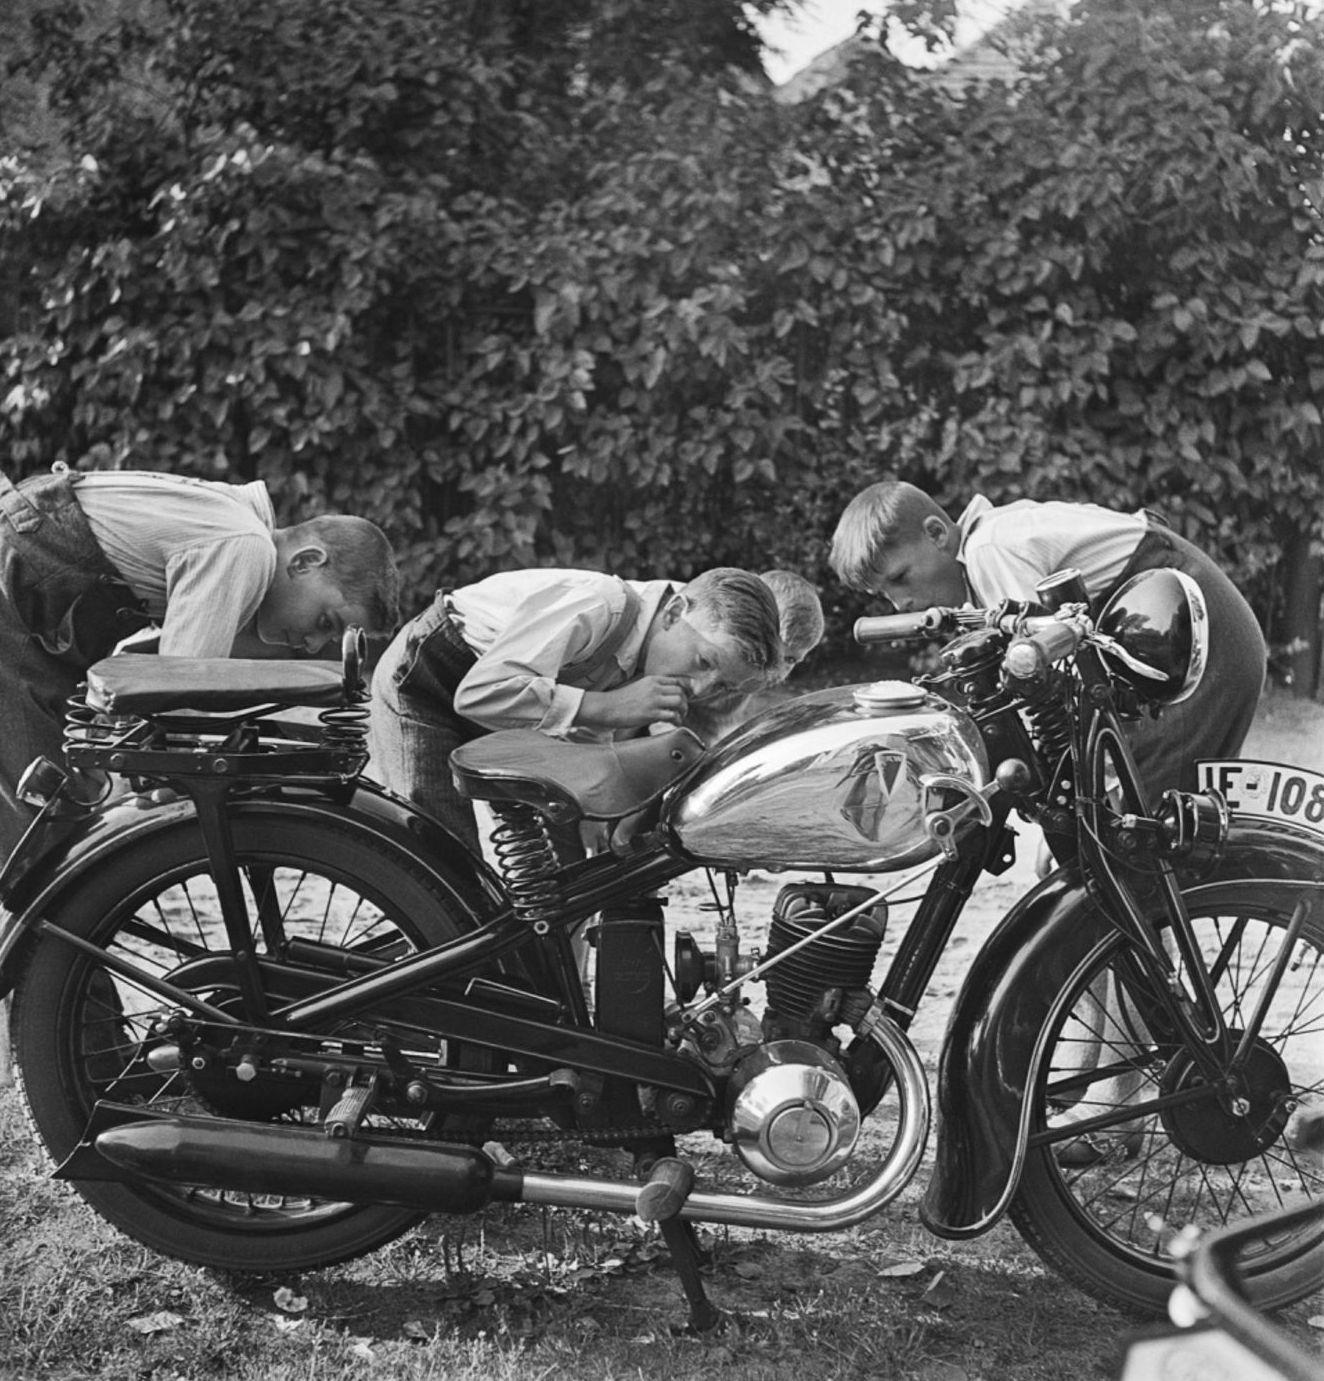 1930-е. Мальчики разглядывают мотоцикл в берлинском предместье